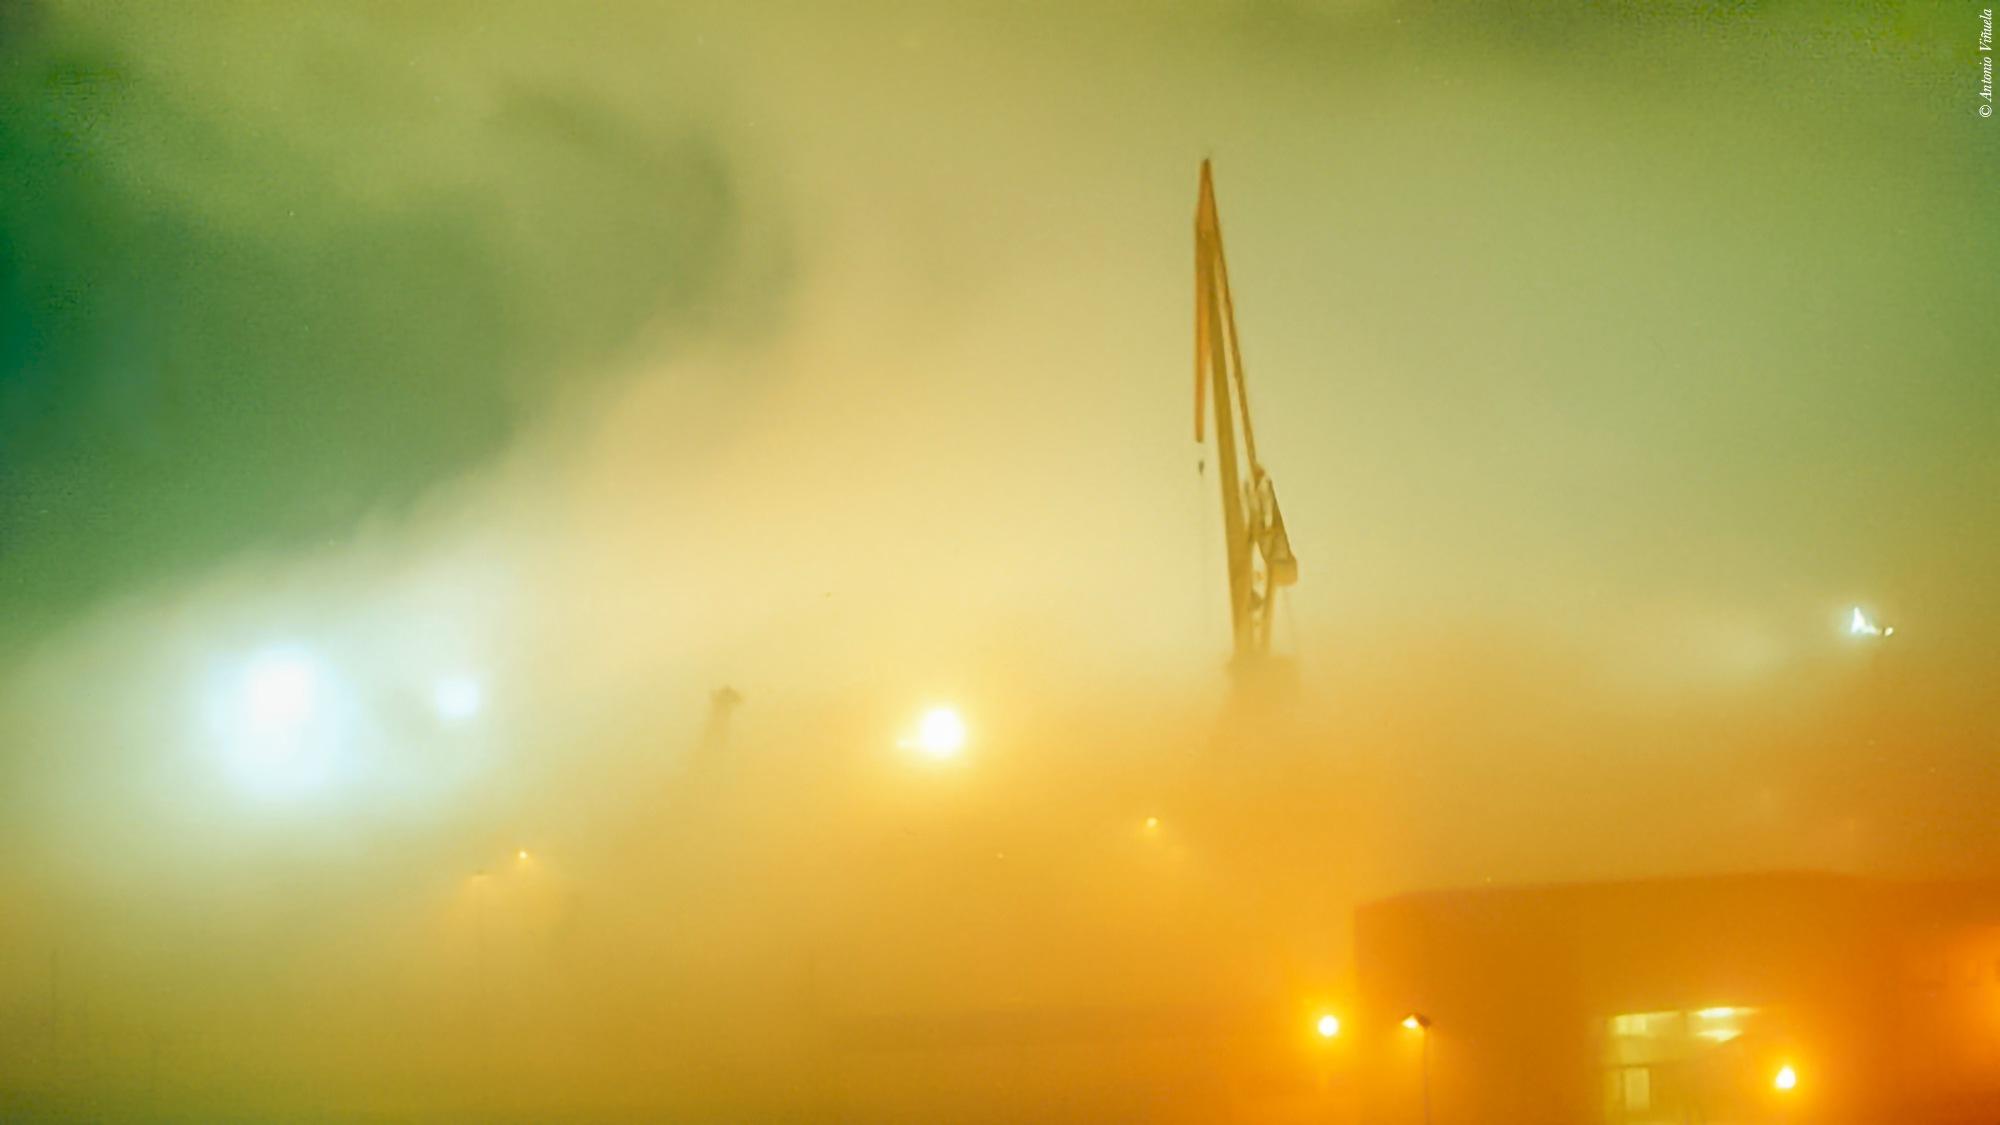 Niebla / Fog by Antonio Viñuela